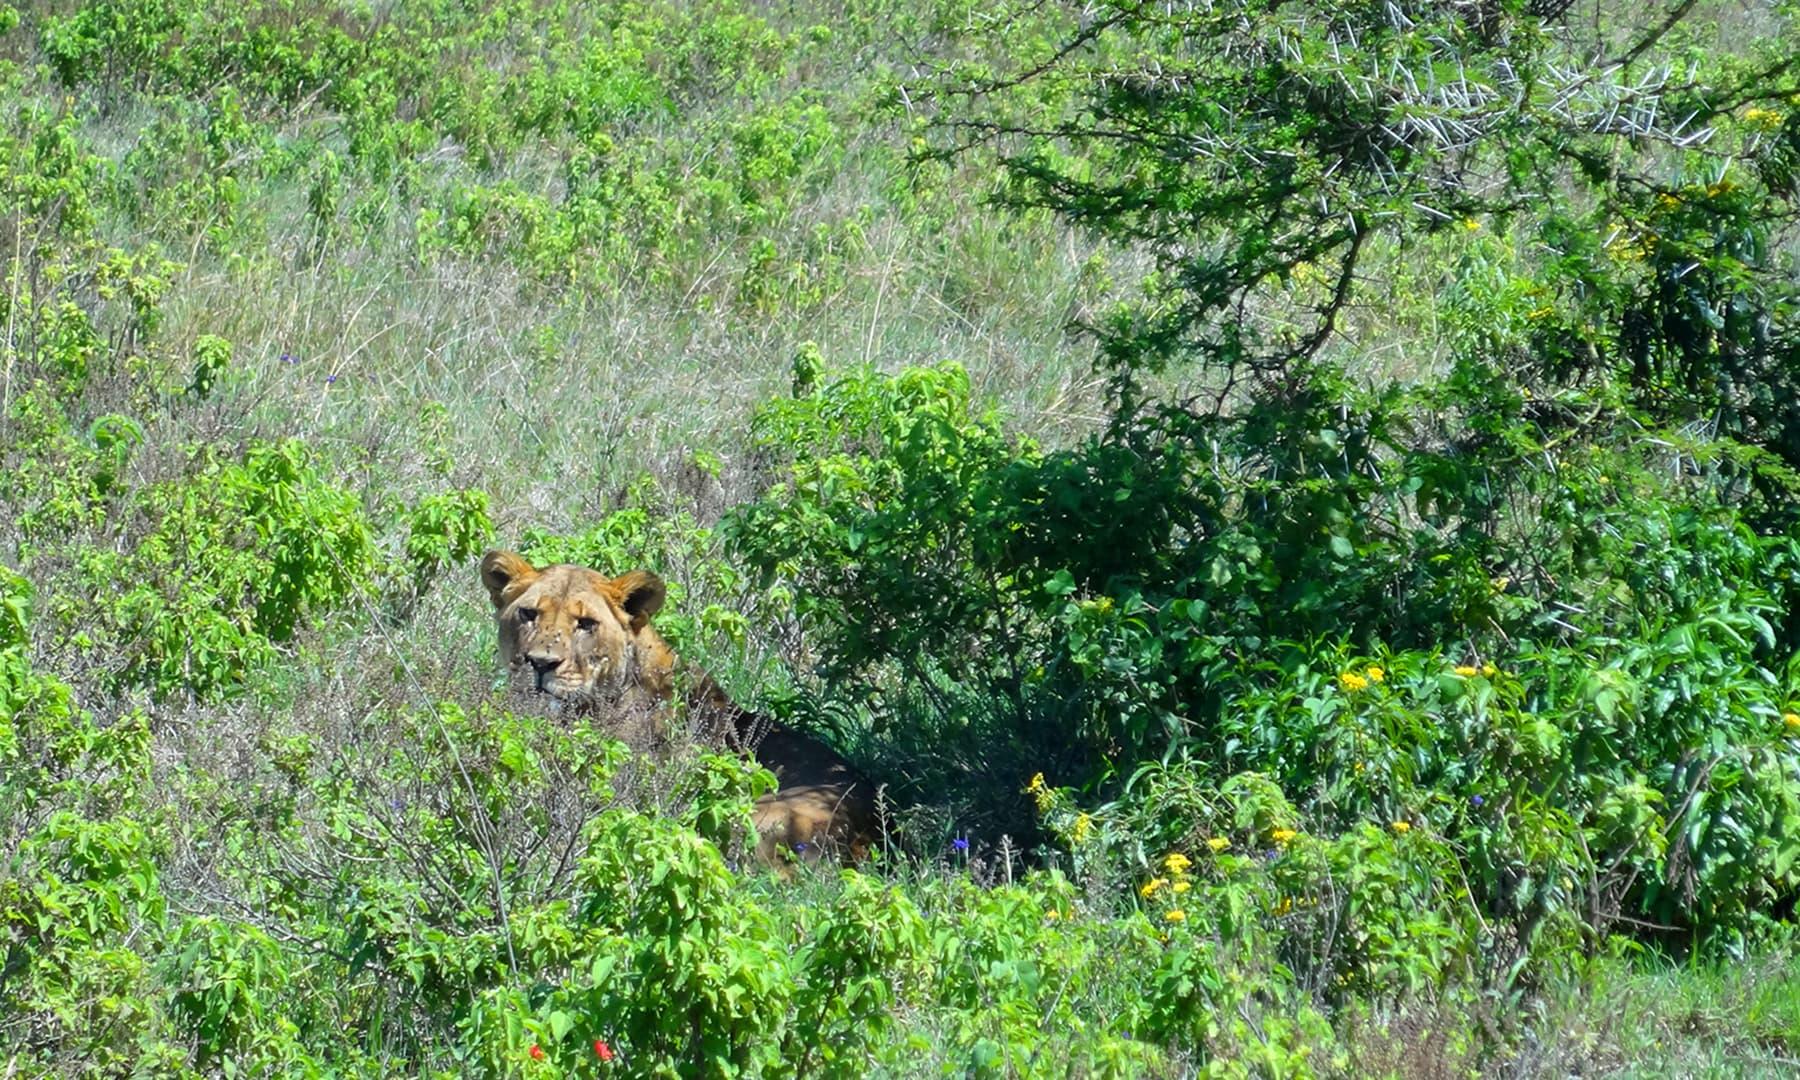 نیروبی کے نیشنل سفاری میں موجود شیر— فوٹو عظمت اکبر